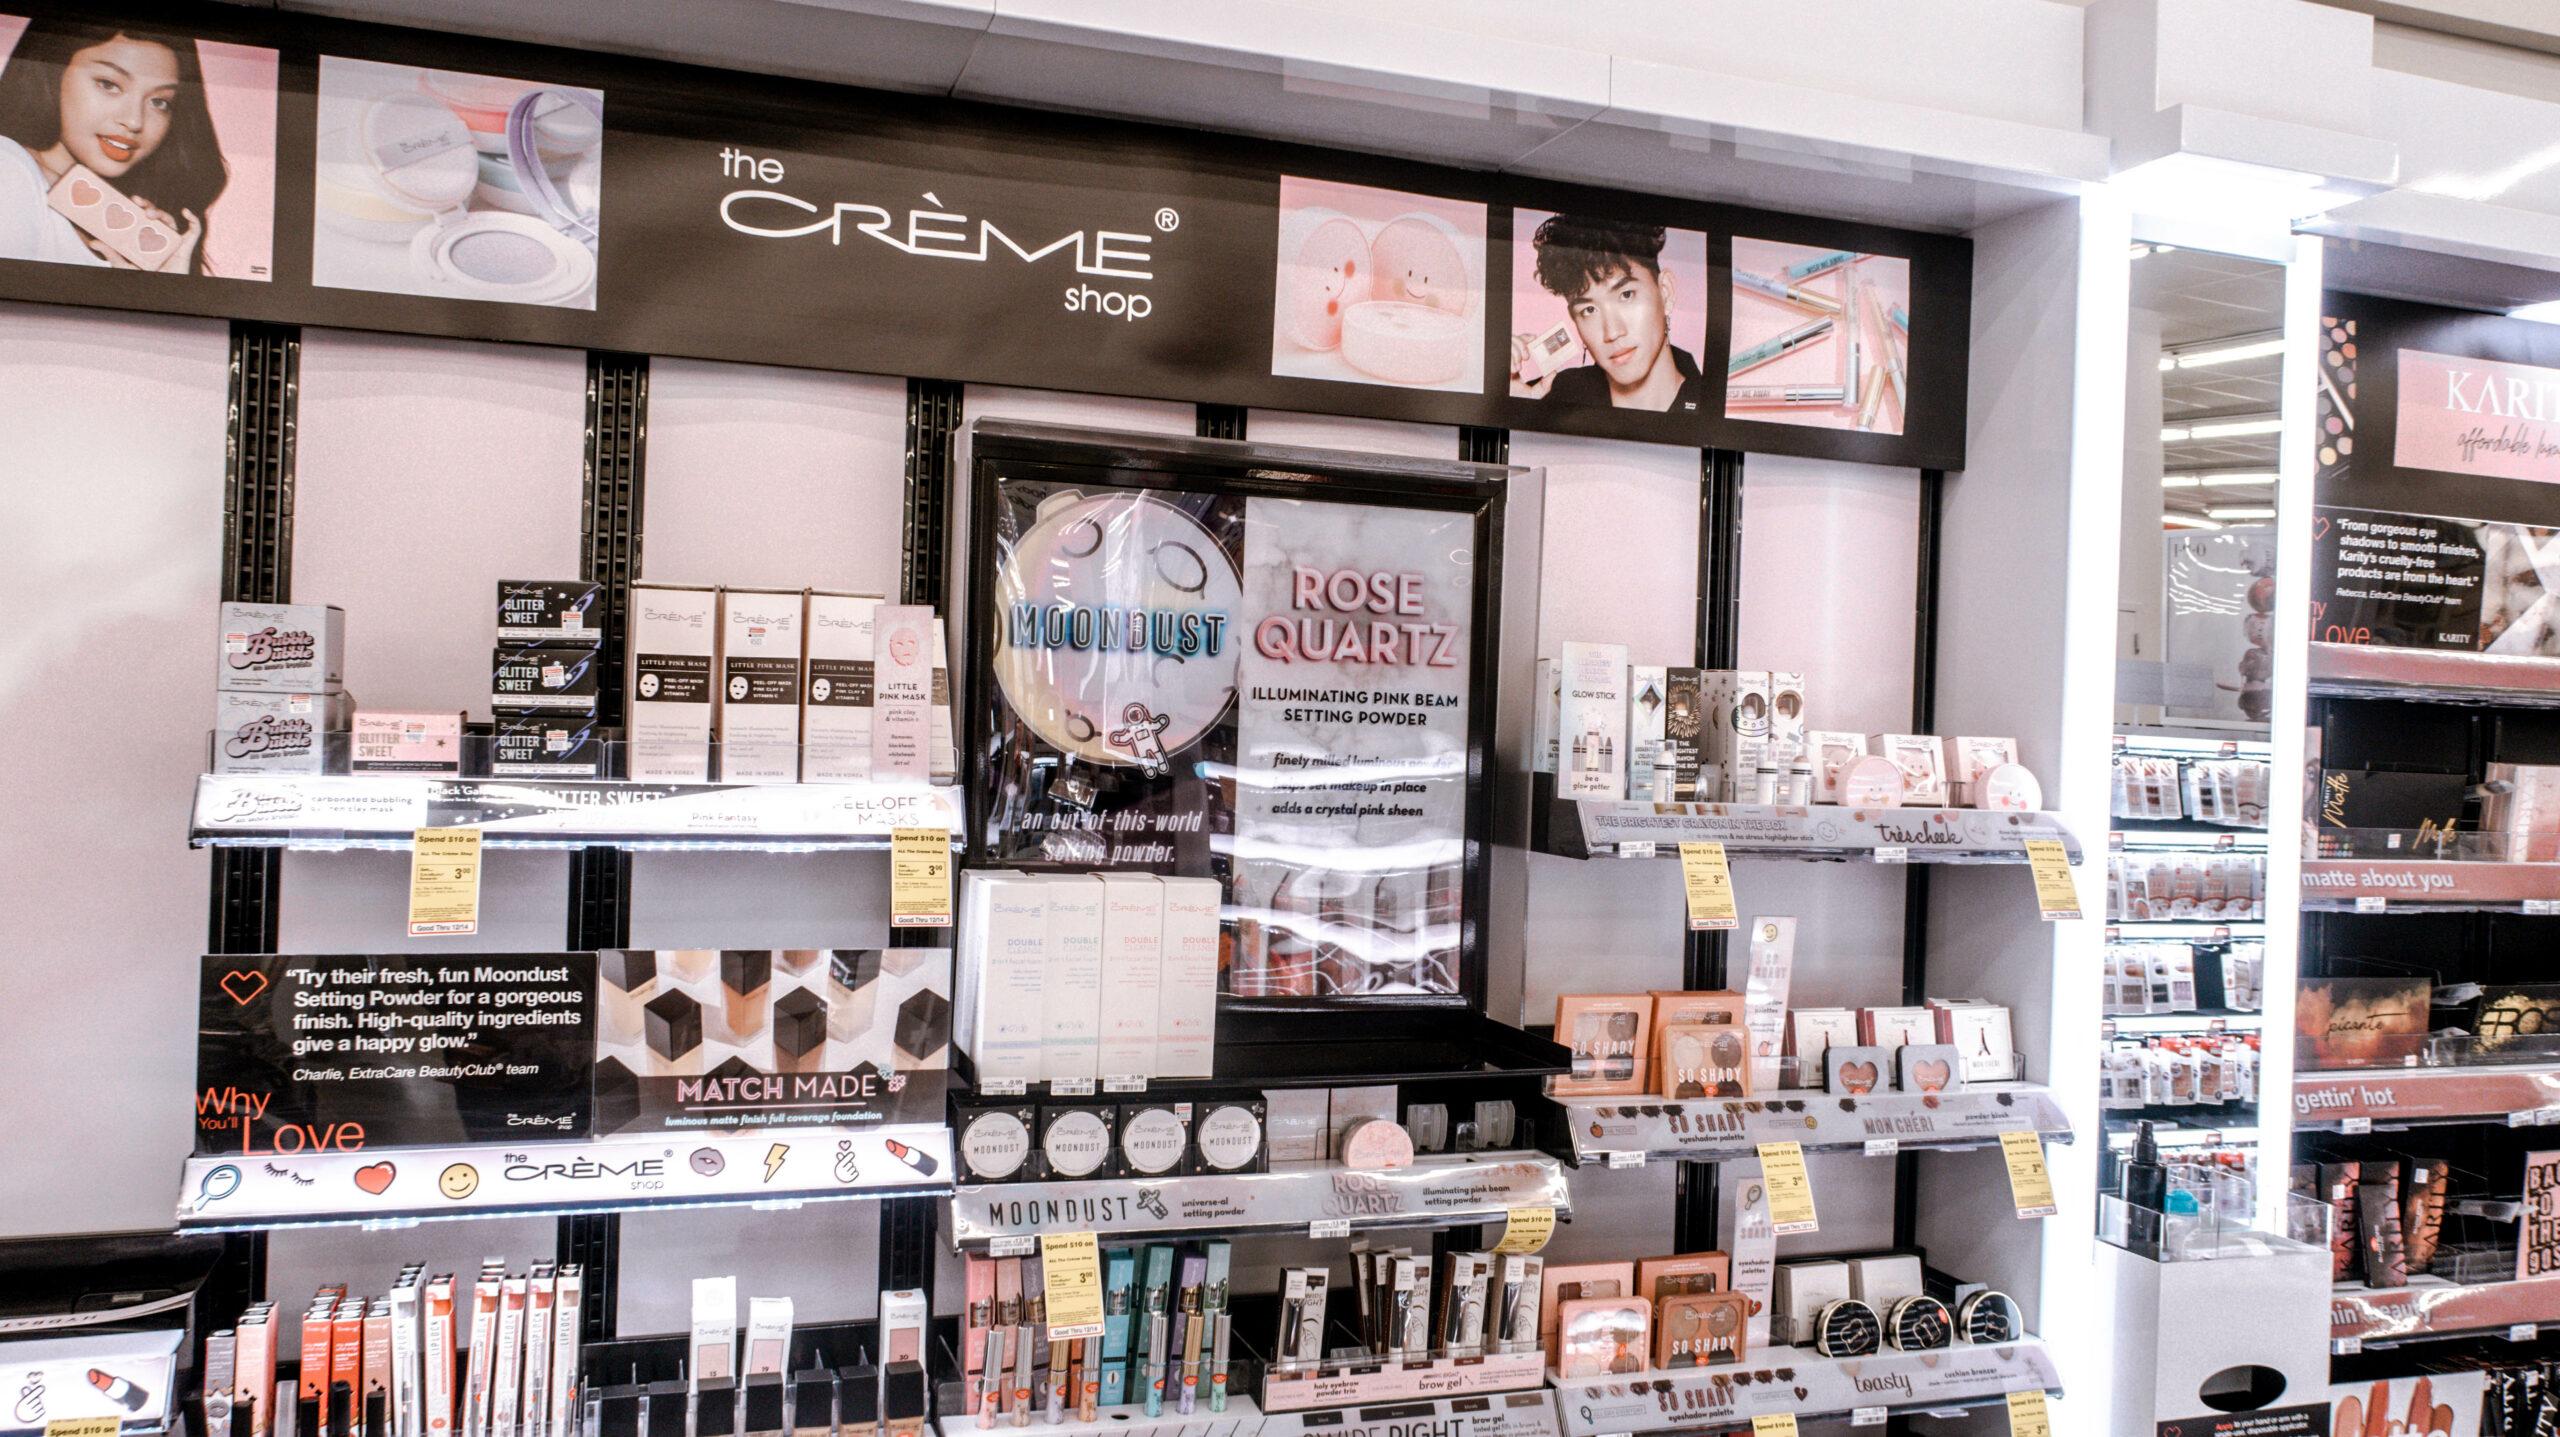 Creme shop review